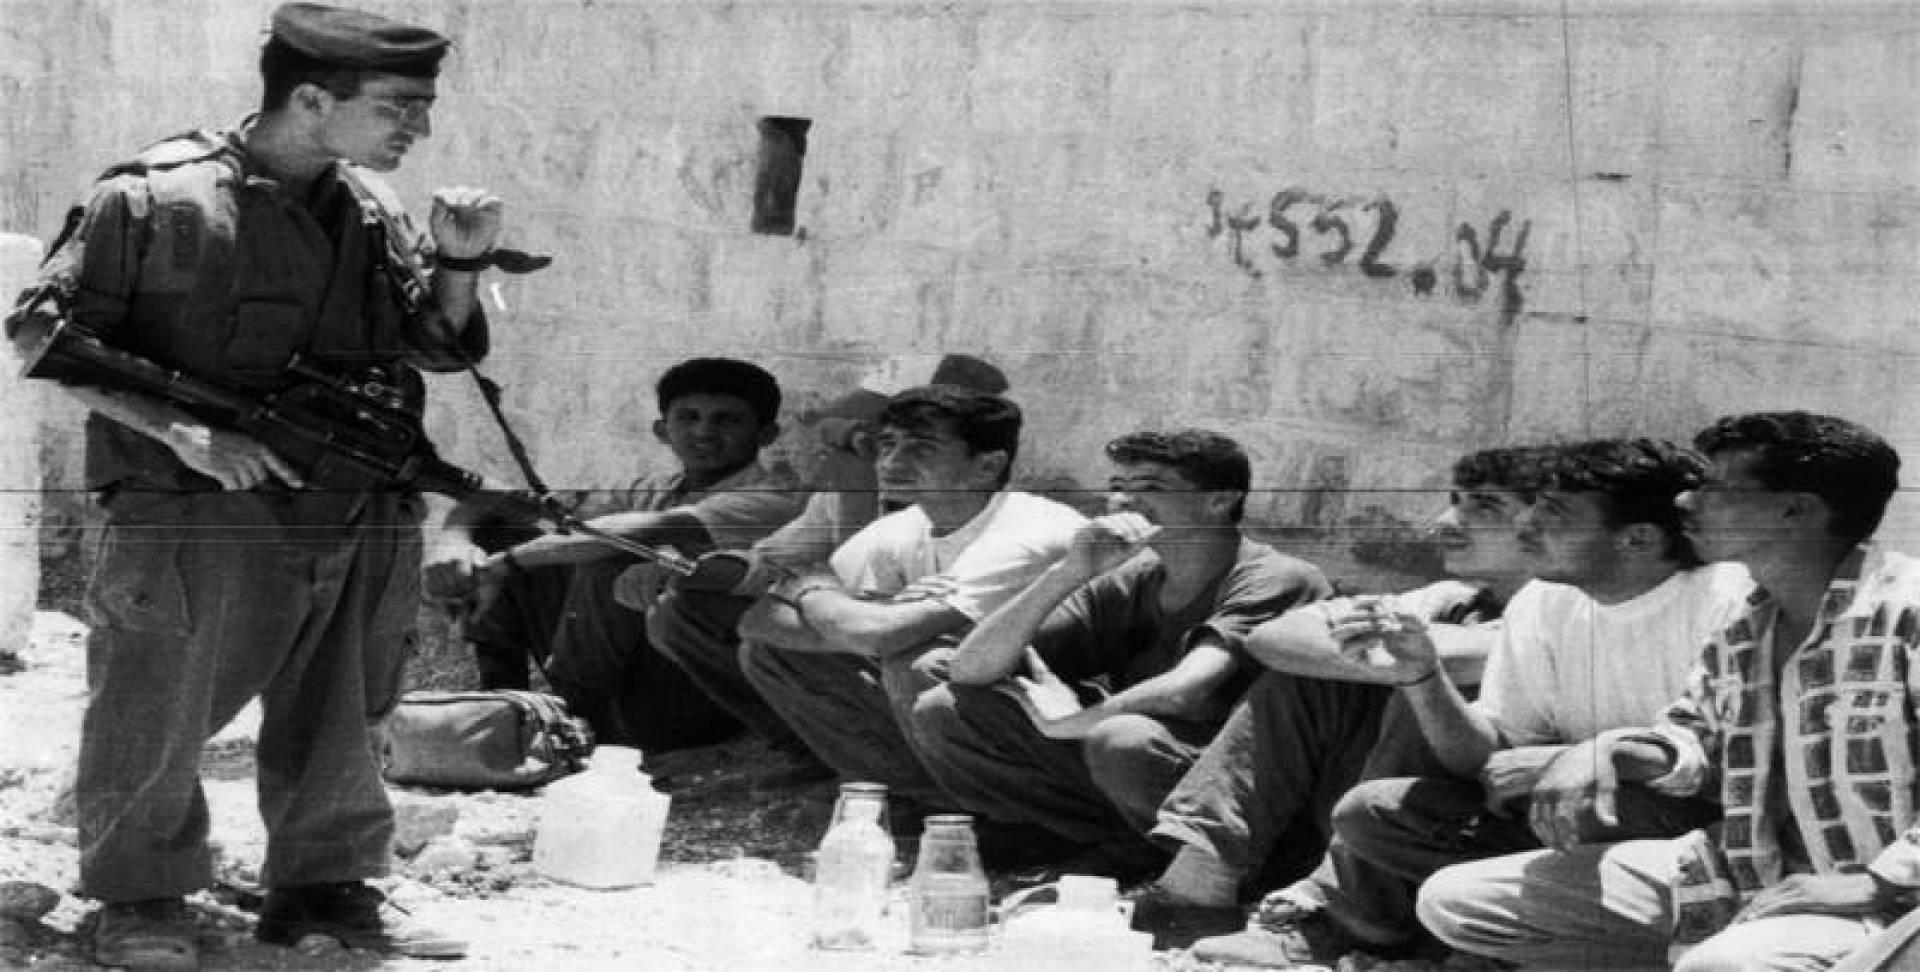 المعتقلون الفلسطينيون في سجن بئر سبع.. أرشيفية